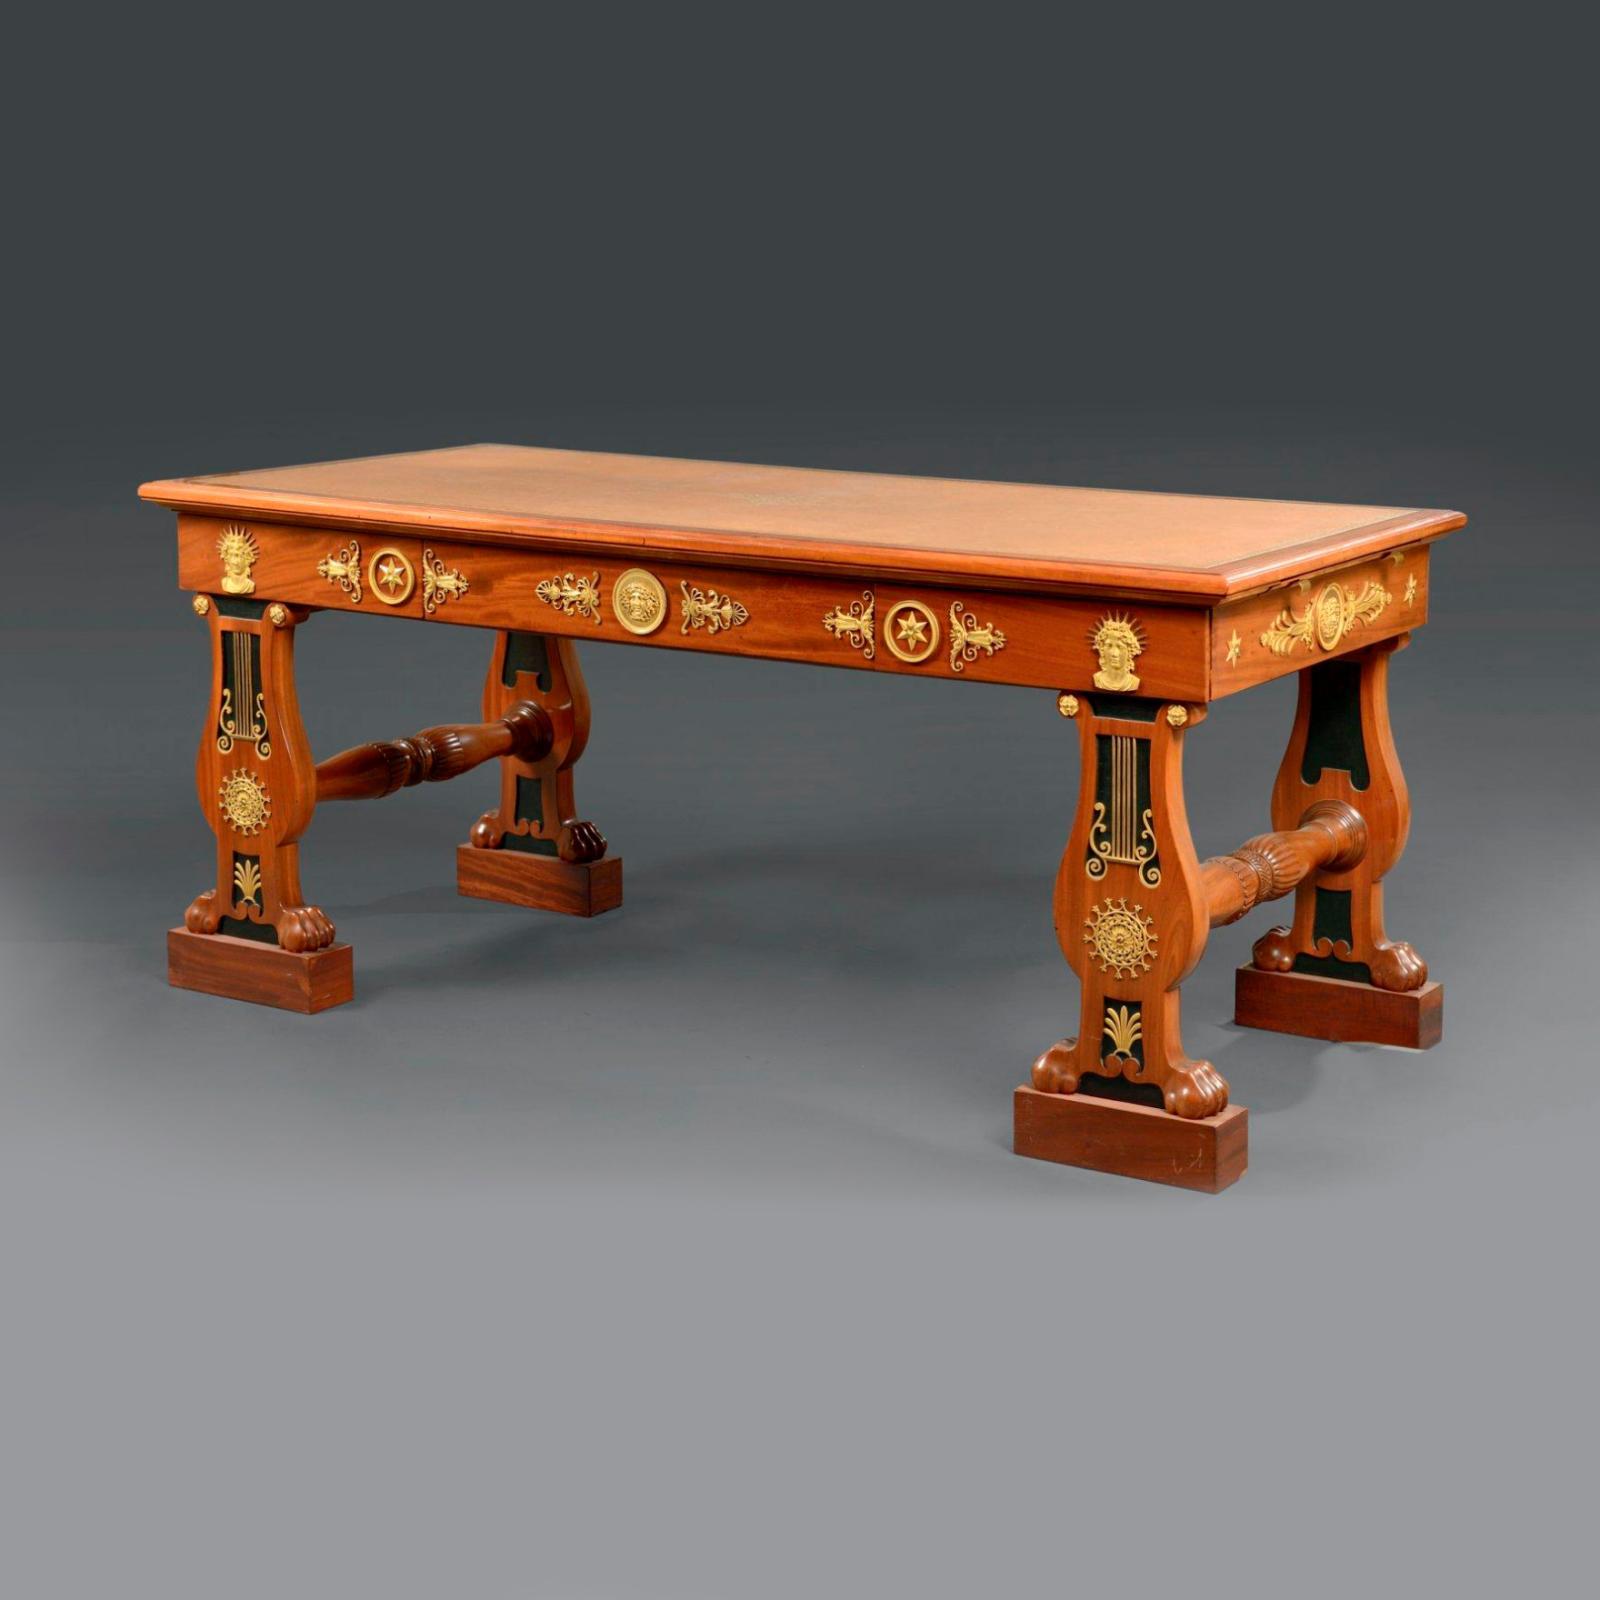 156250€ Attribué à F.-H.-G. Jacob-Desmalter. Grand bureau plat de Maréchal en bois et placage d'acajou, piétement à motifs de lyres, bronzes attribu